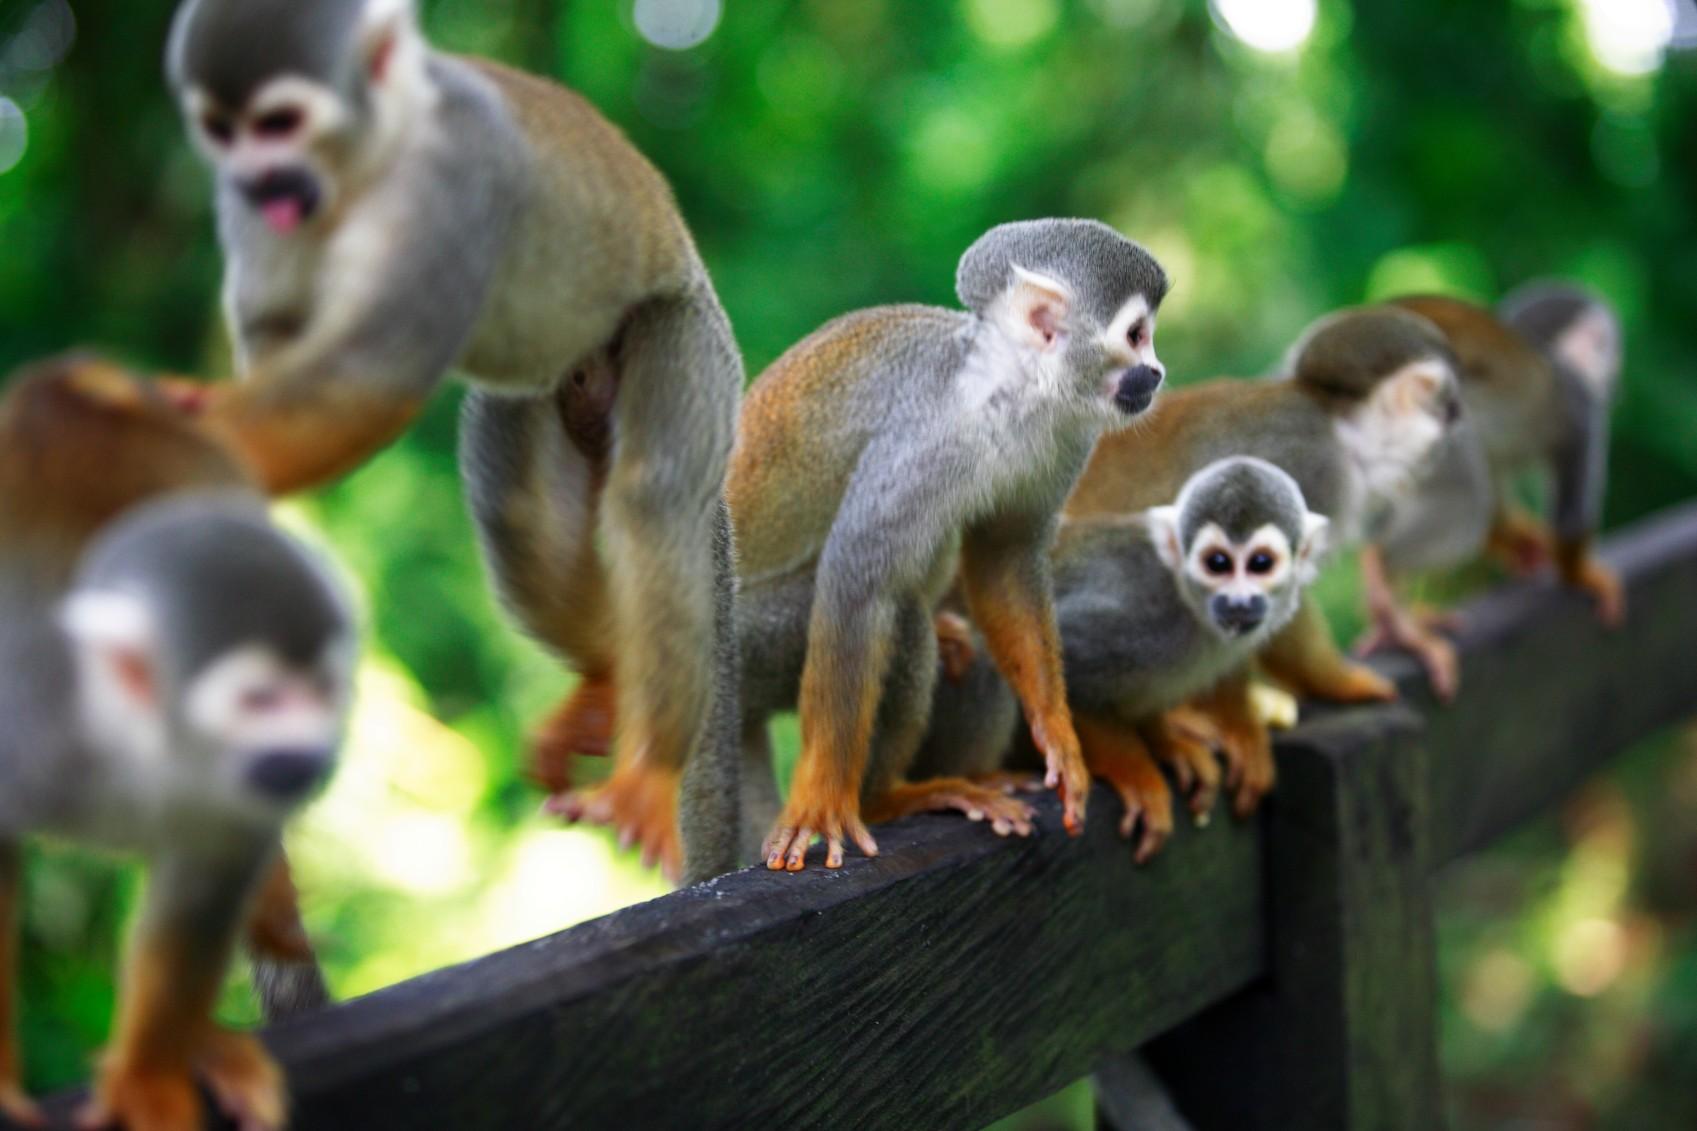 col01-wildlifecolombiaamazon-free-proexport